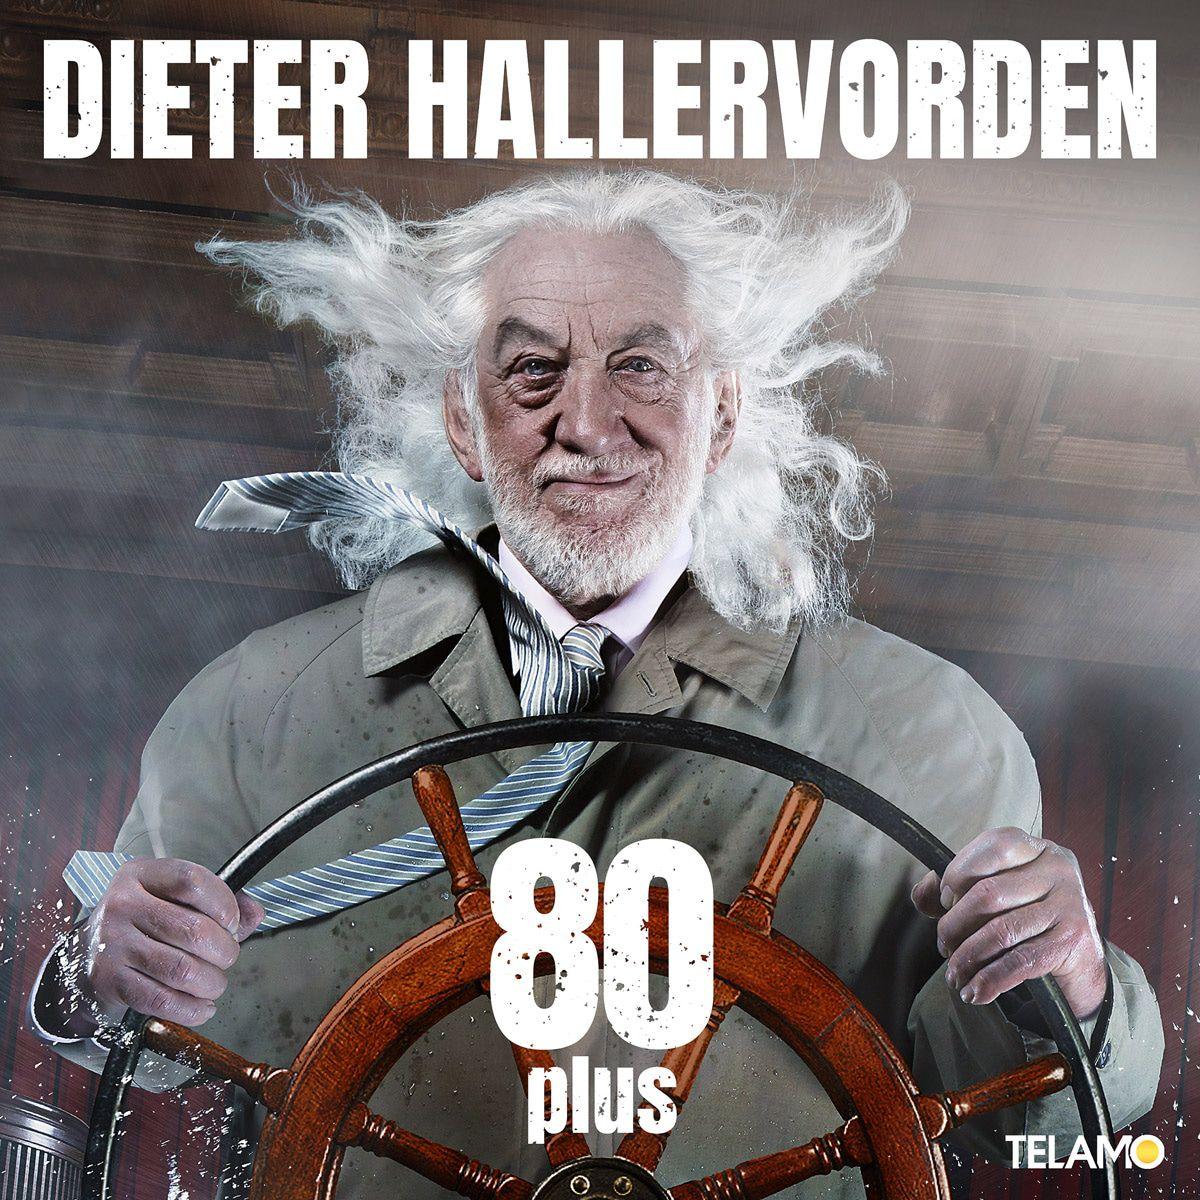 """Dieter Hallervorden: Erstes Studioalbum und neue Serie """"Mein Freund, das Ekel"""""""